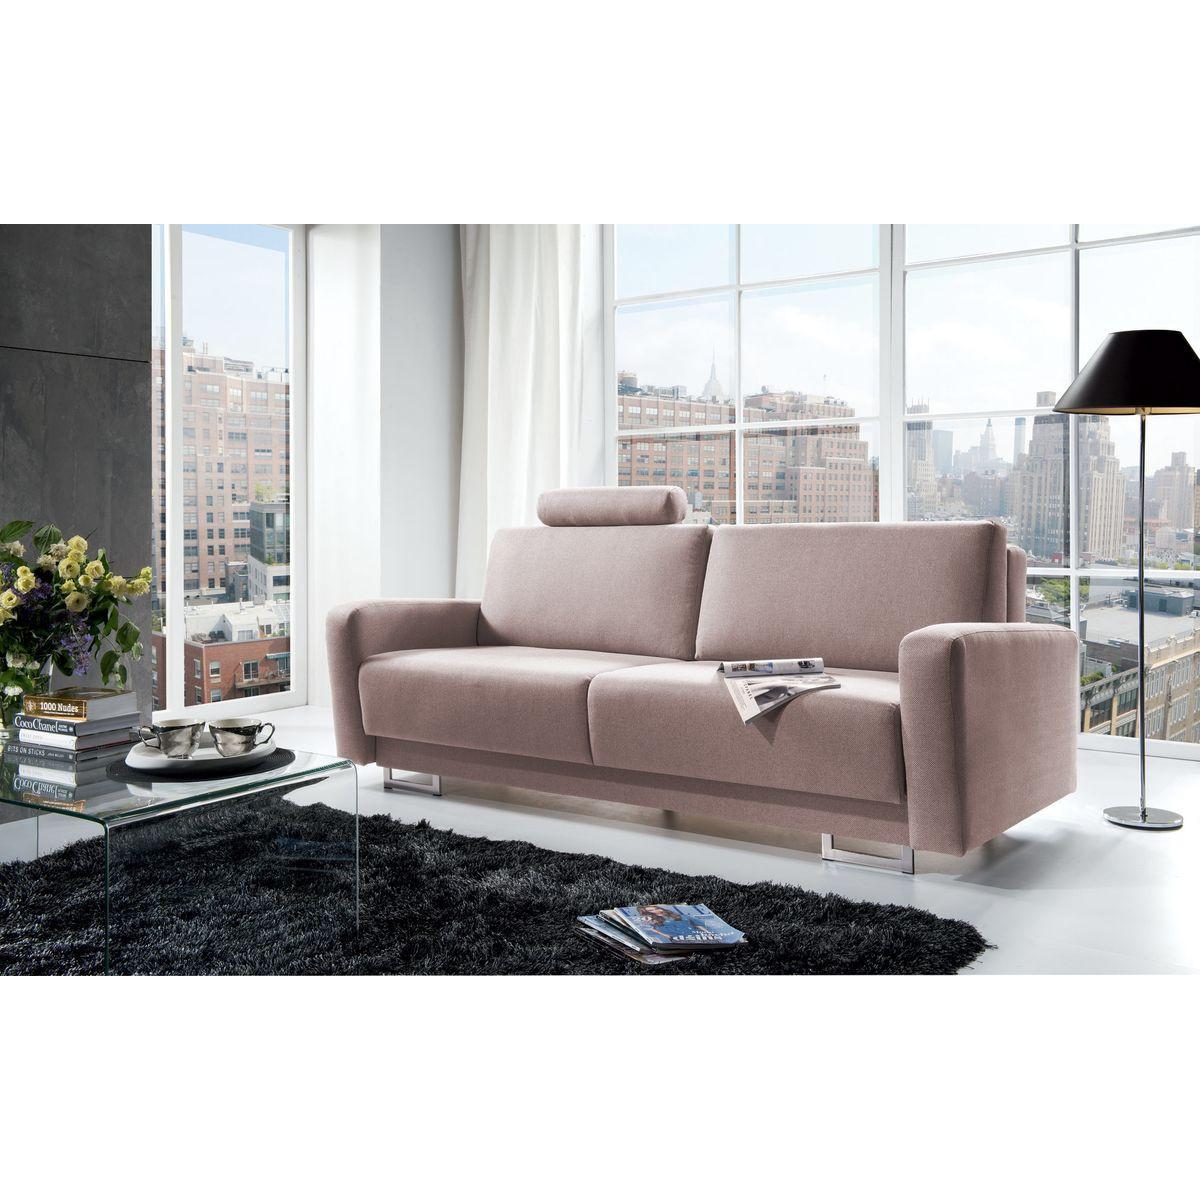 Sofa Cayenne